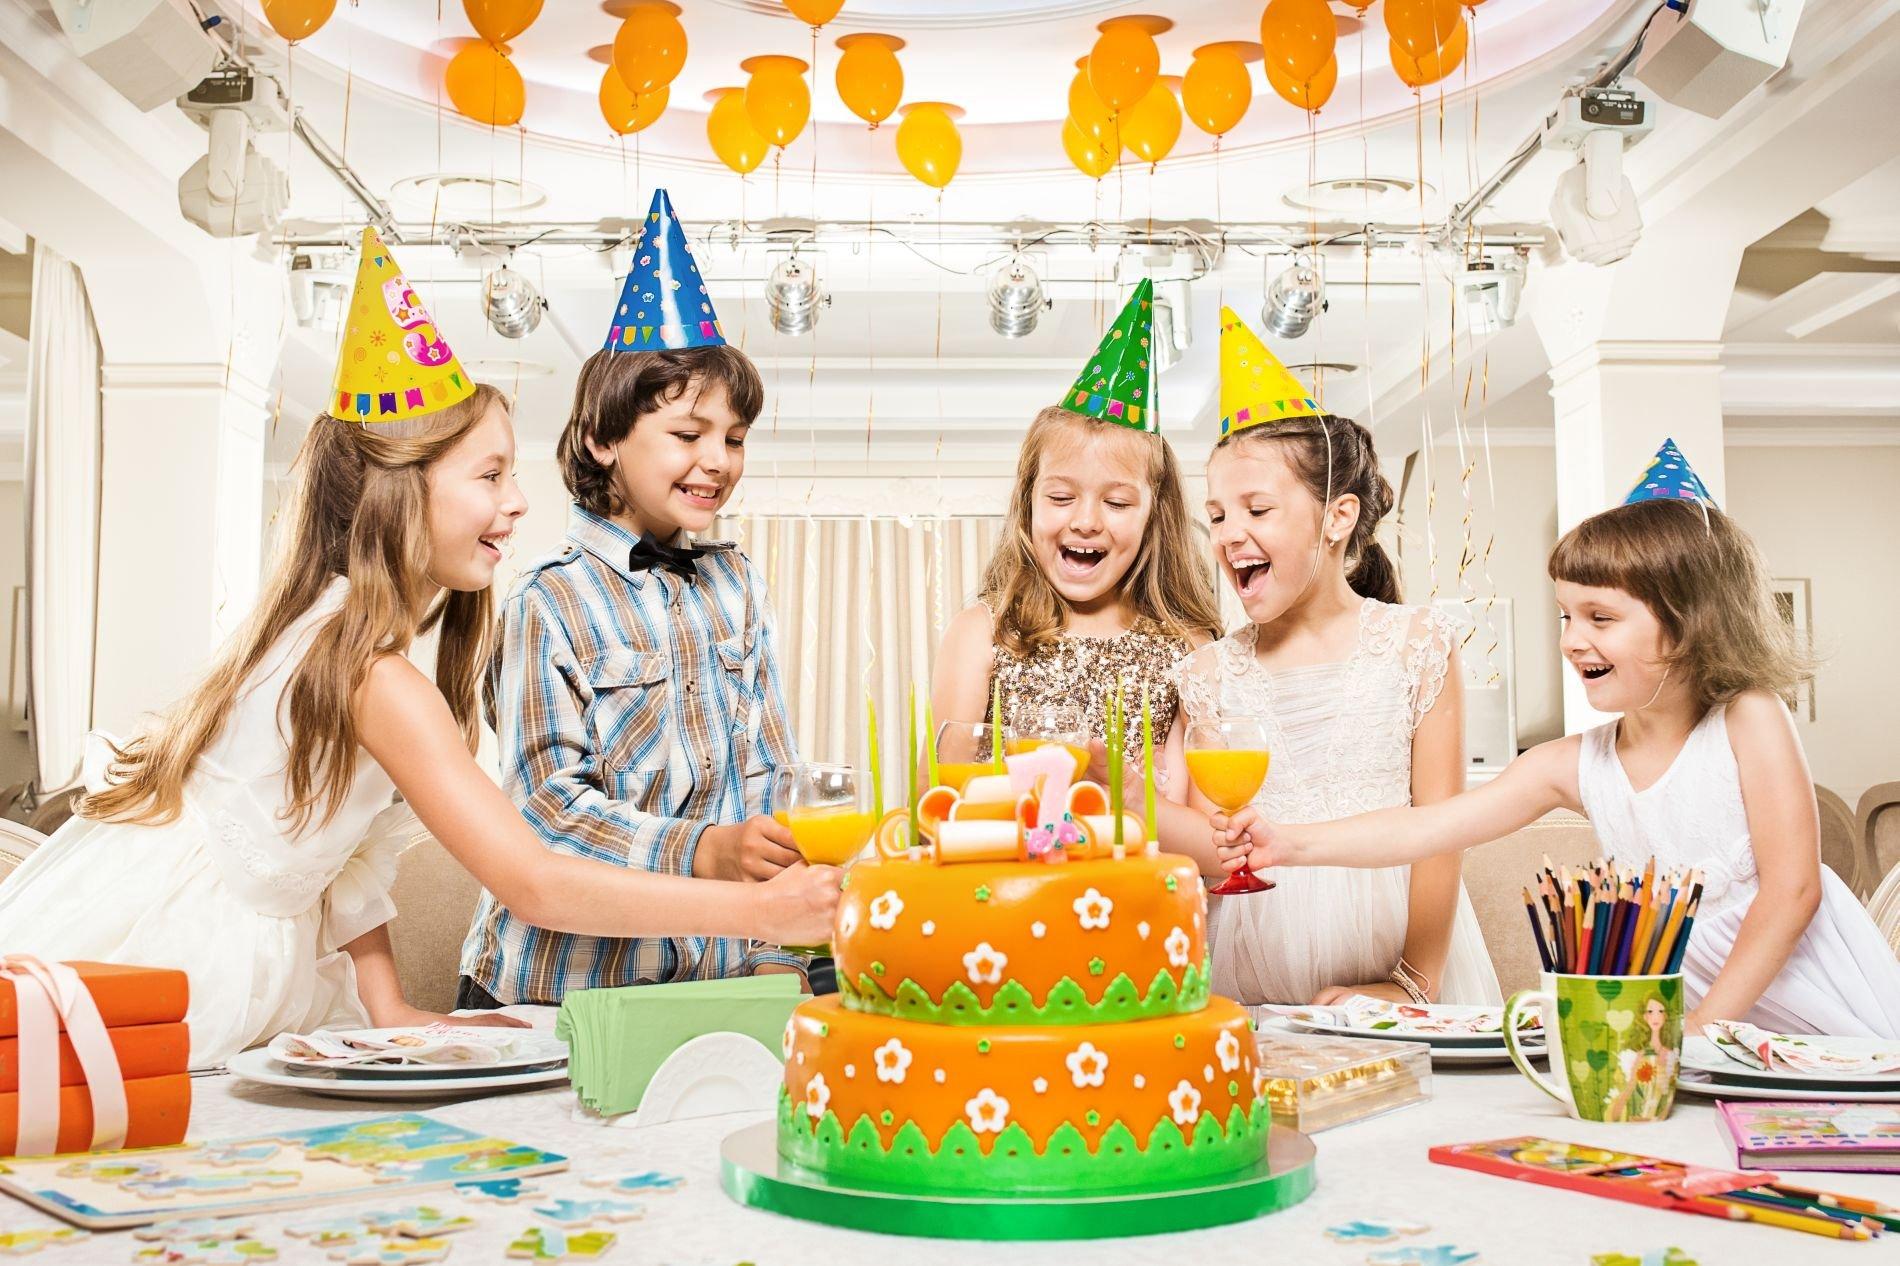 Веселый детский праздник картинки